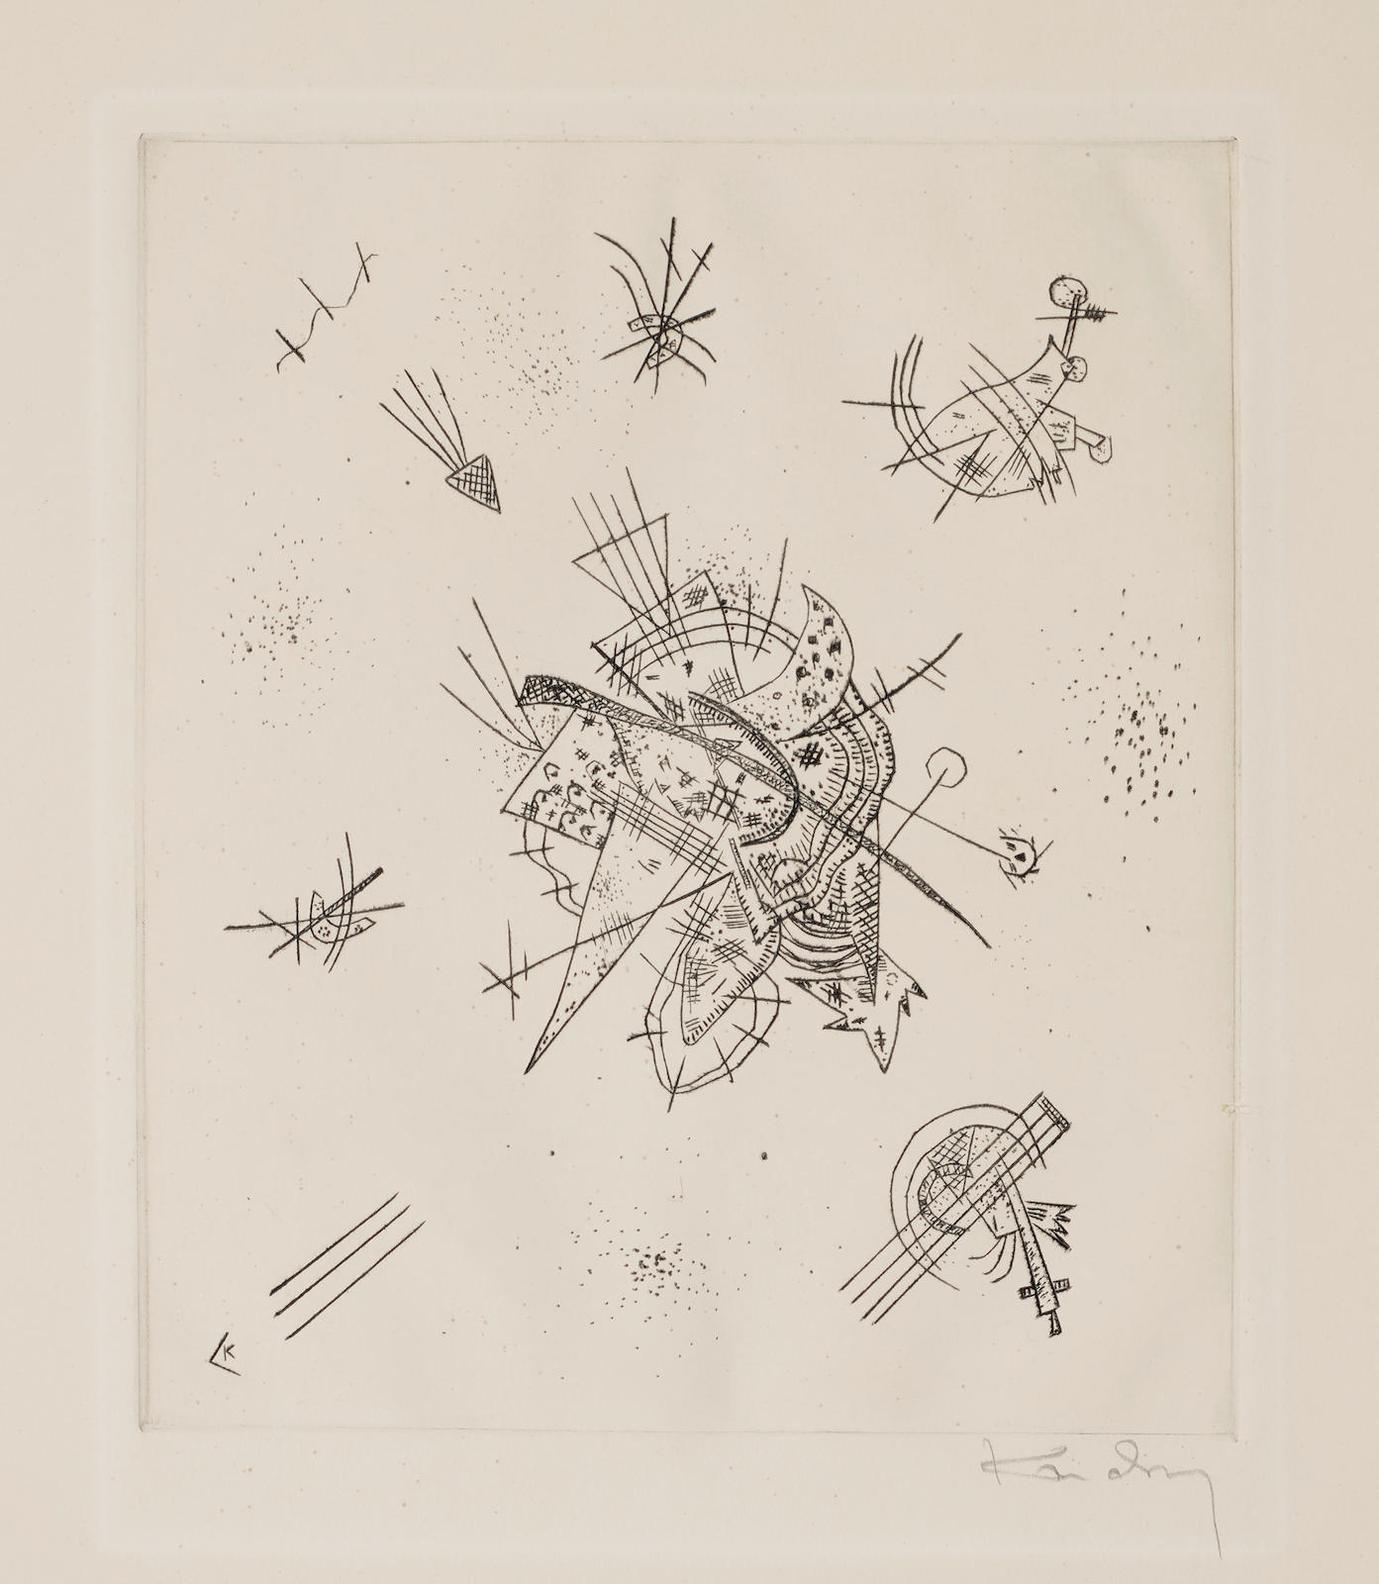 Wassily Kandinsky-Kleine Welten X (R.173)-1922